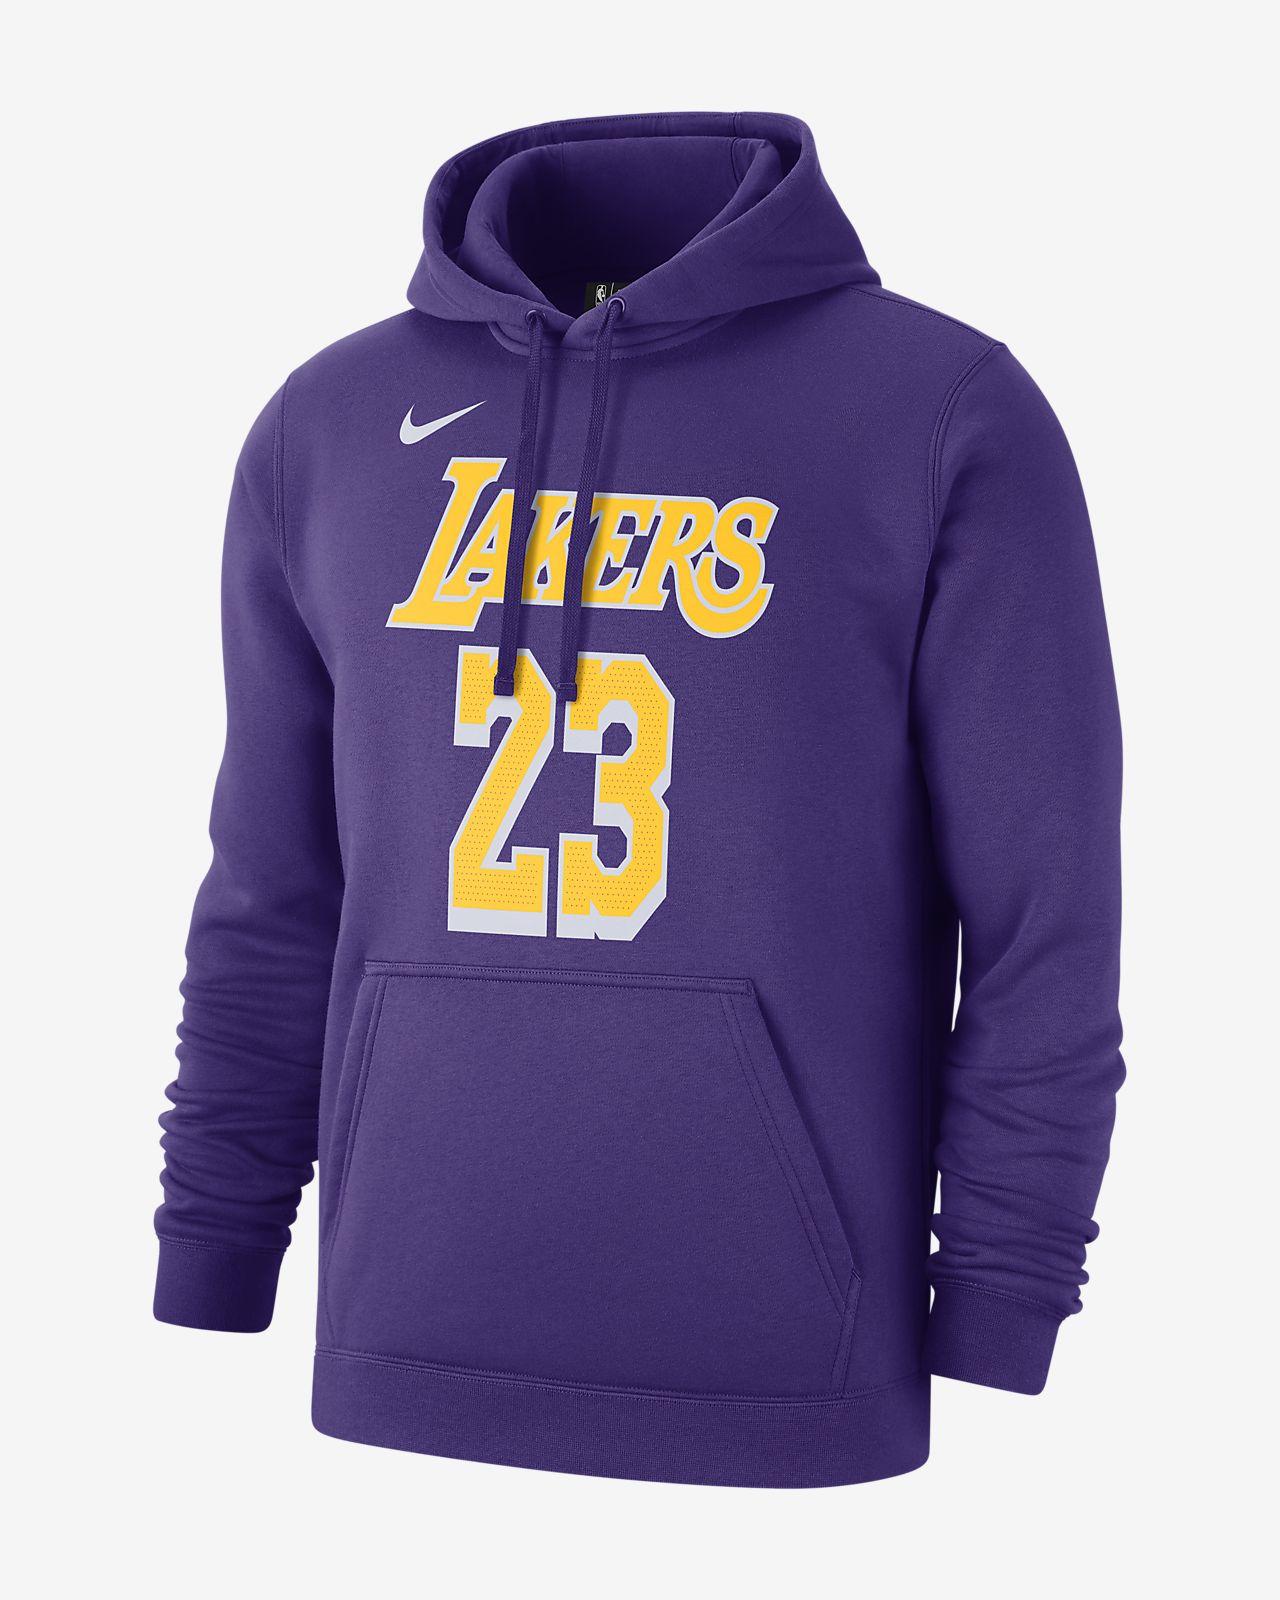 洛杉矶湖人队 (LeBron James) NikeNBA男子连帽衫